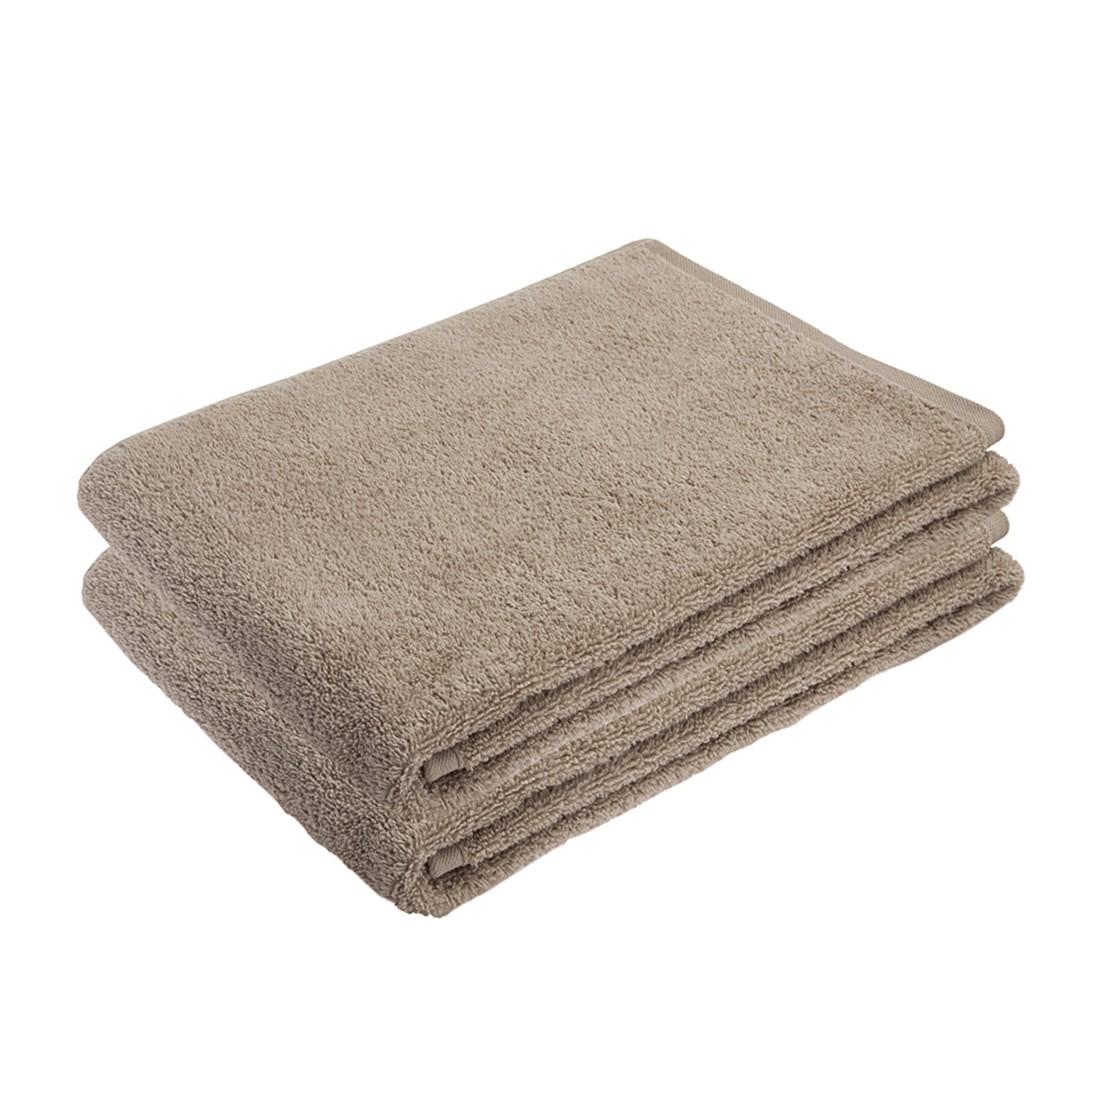 Home 24 - Ensemble de linges de toilette pure (2 éléments) - 100 % coton - beige, stilana